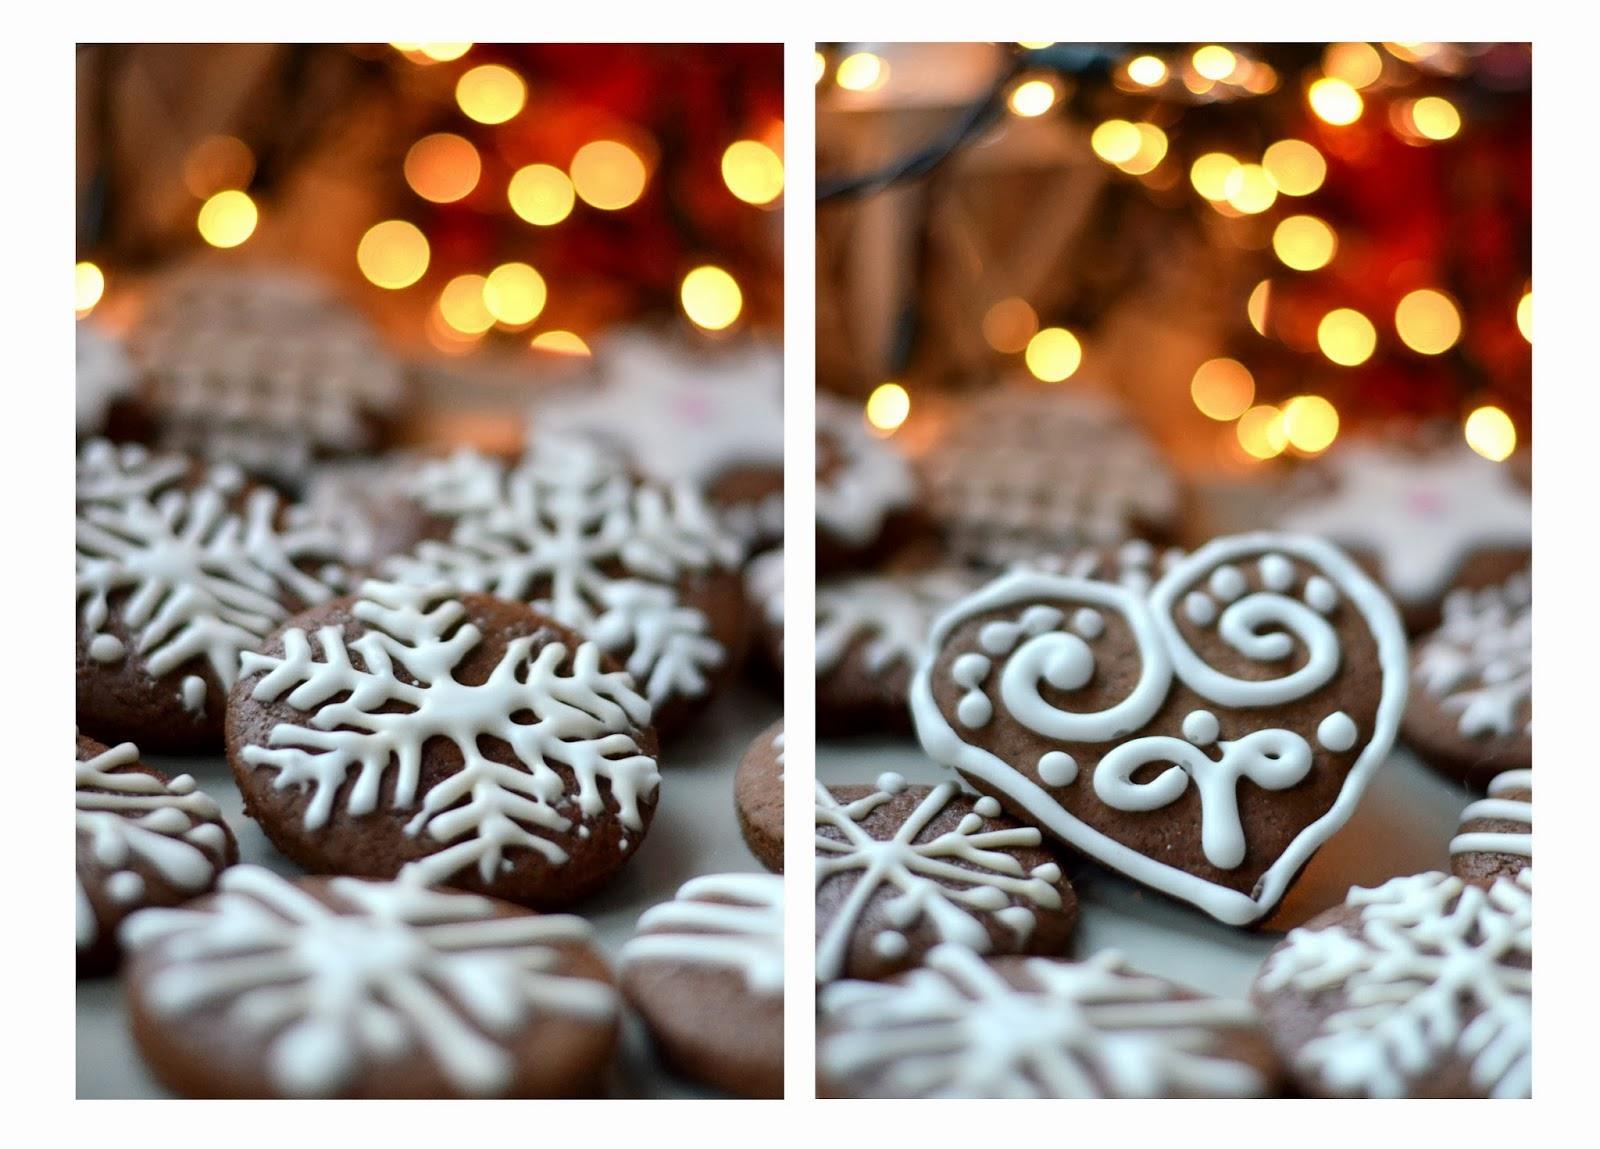 http://martolowe.blogspot.com/2013/12/pierniczki-od-razu-miekkie-po-prostu.html